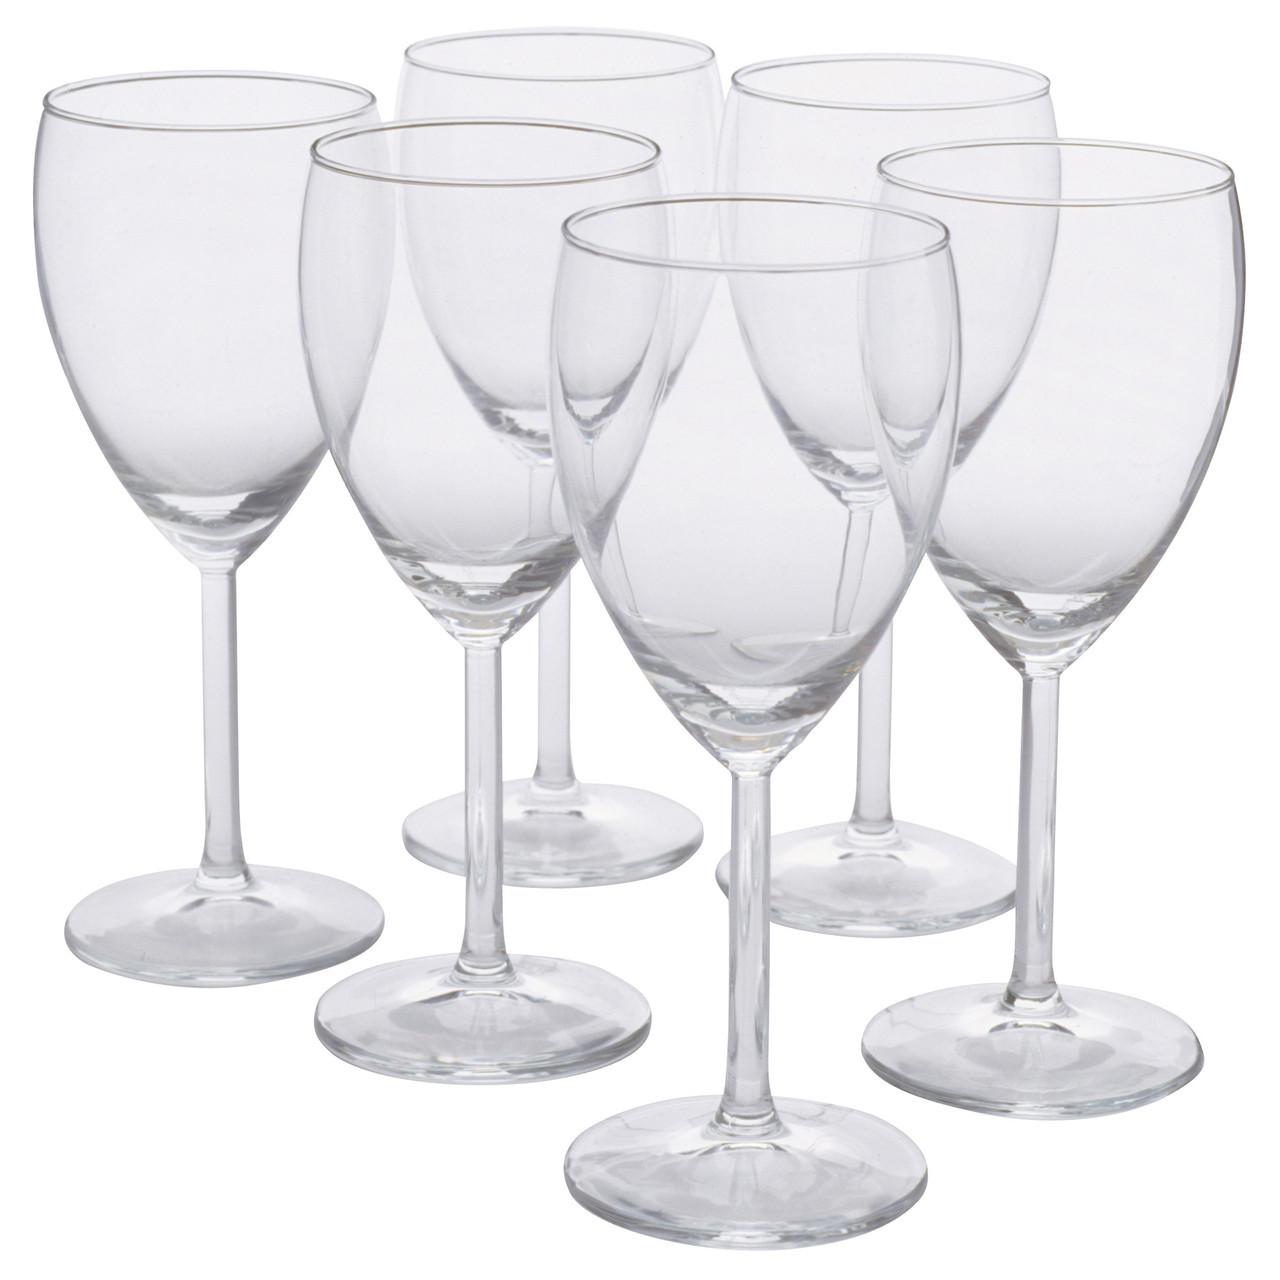 Бокал SVALKA для білого вина 6 шт.